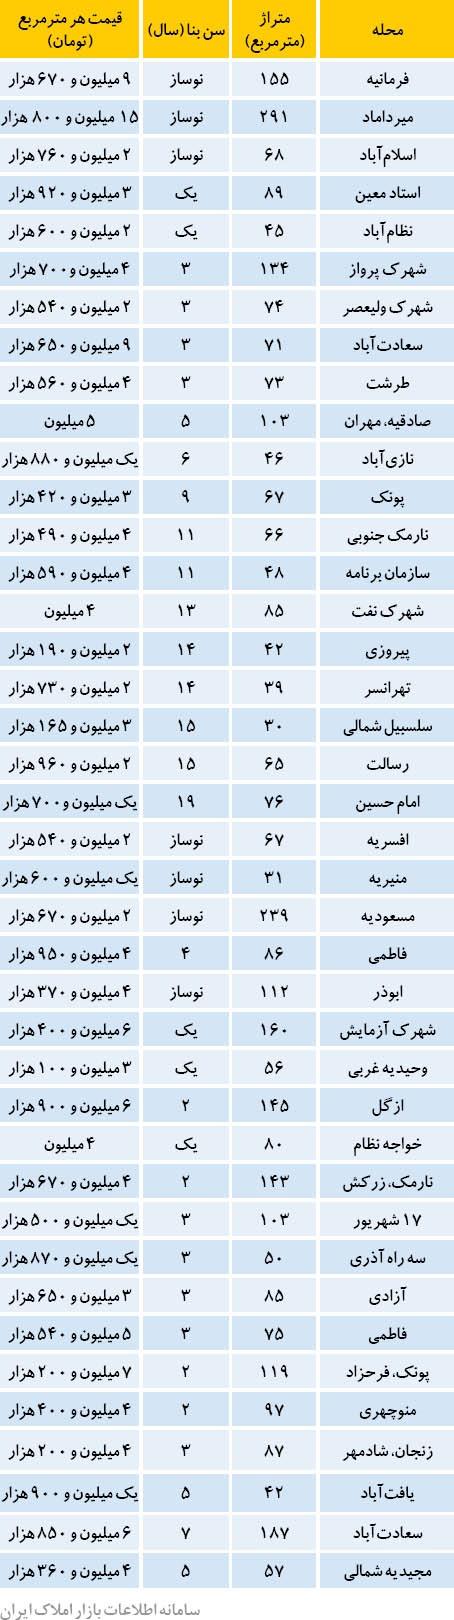 ۱۰ منطقه پرفروش در بازار مسکن تهران + جدول